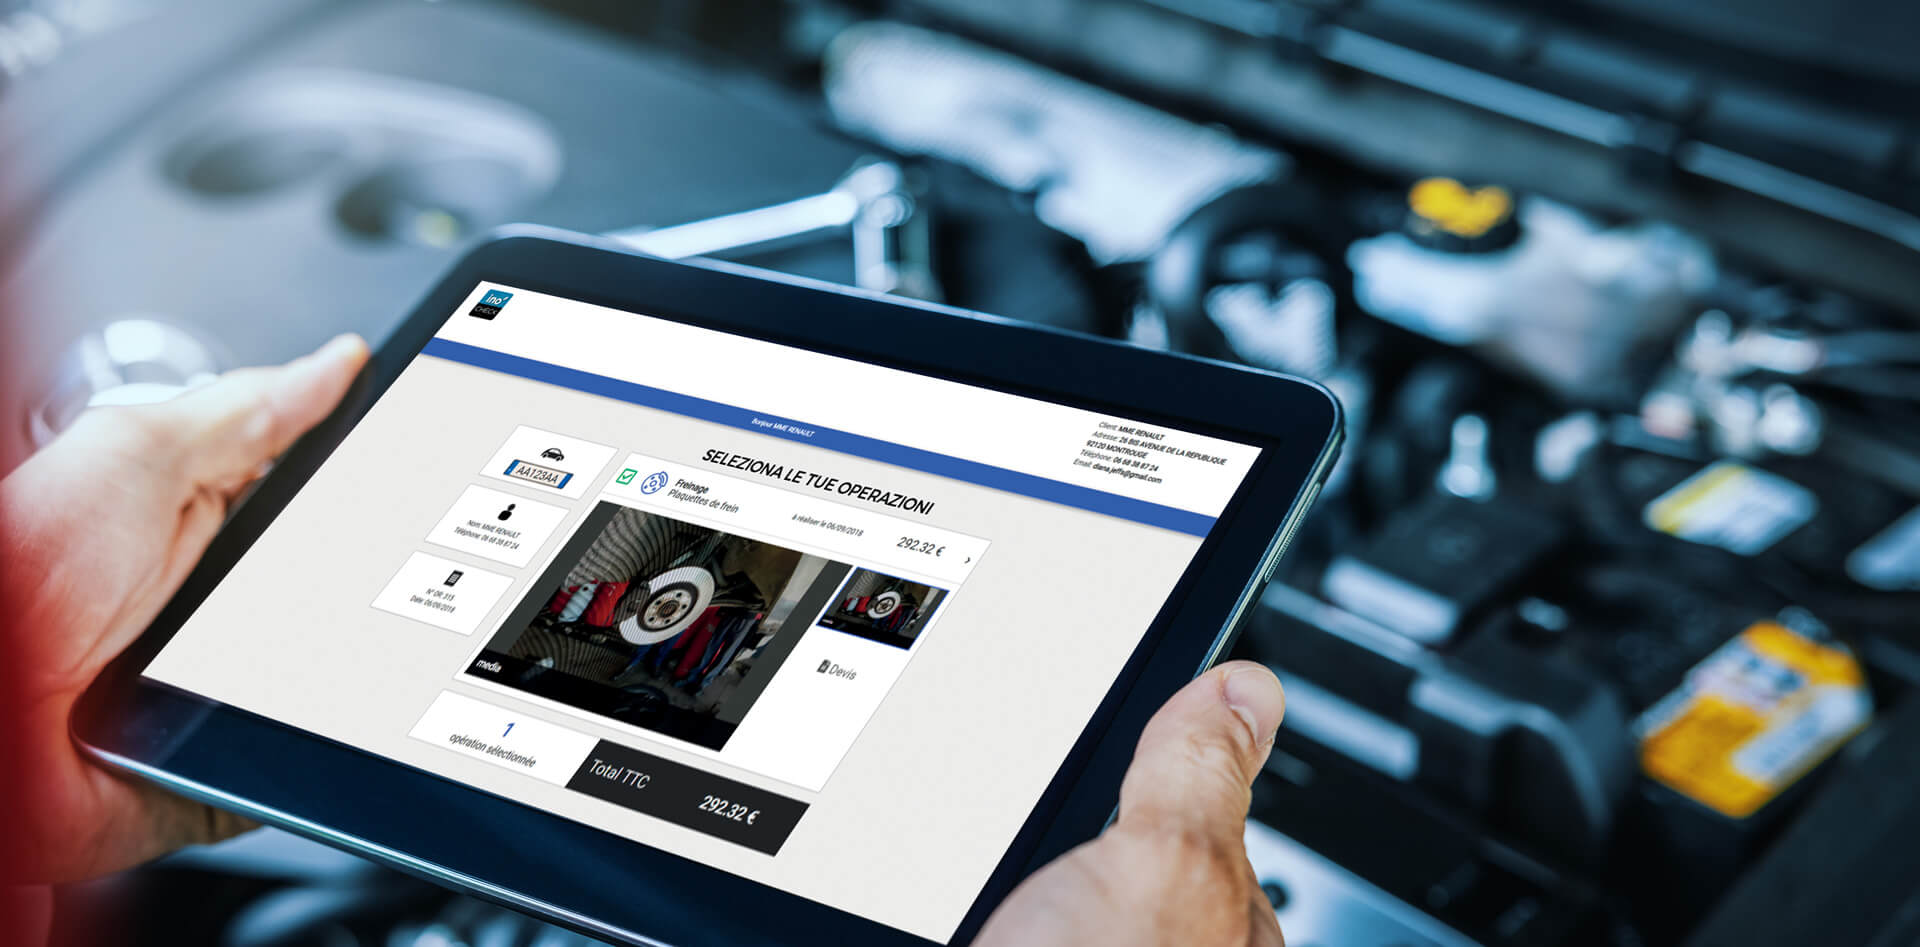 Tablet inocheck per controlli auto in officina